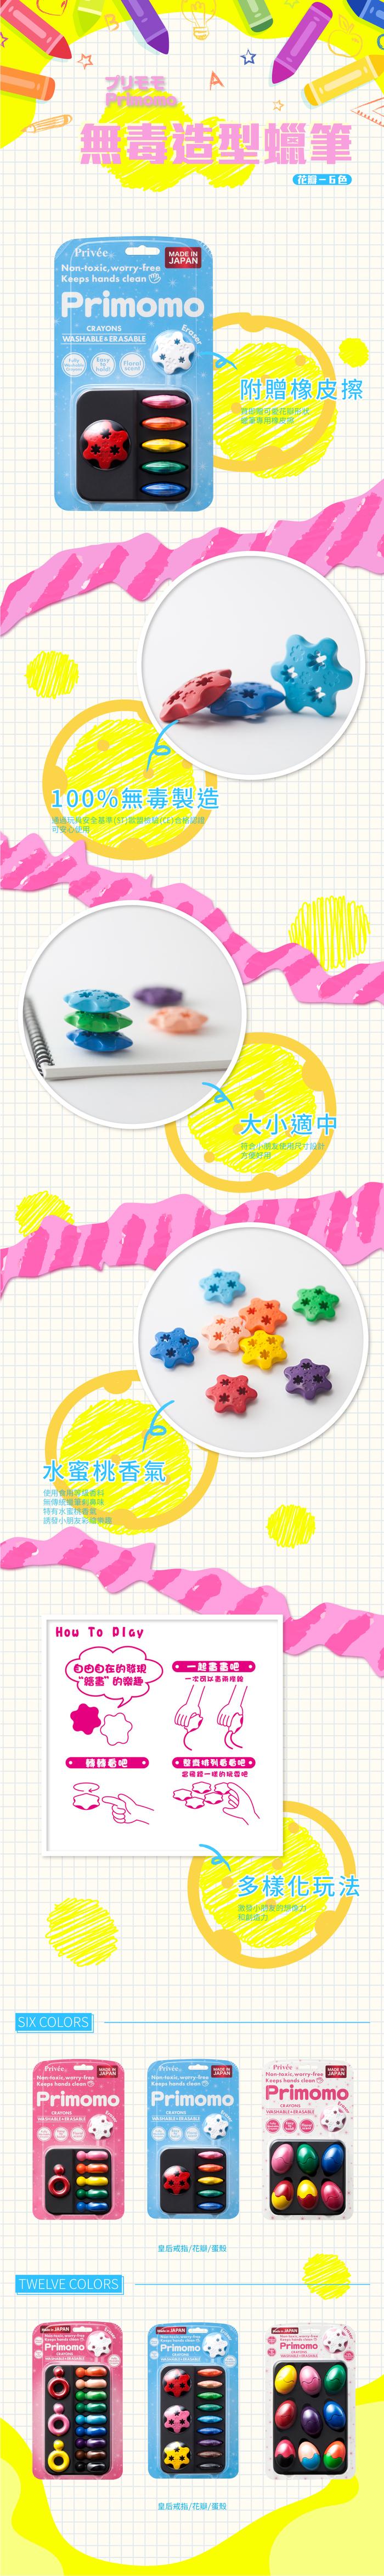 (複製)Candies|陽光向日葵(粉)-IPhone 7/IPhone 8